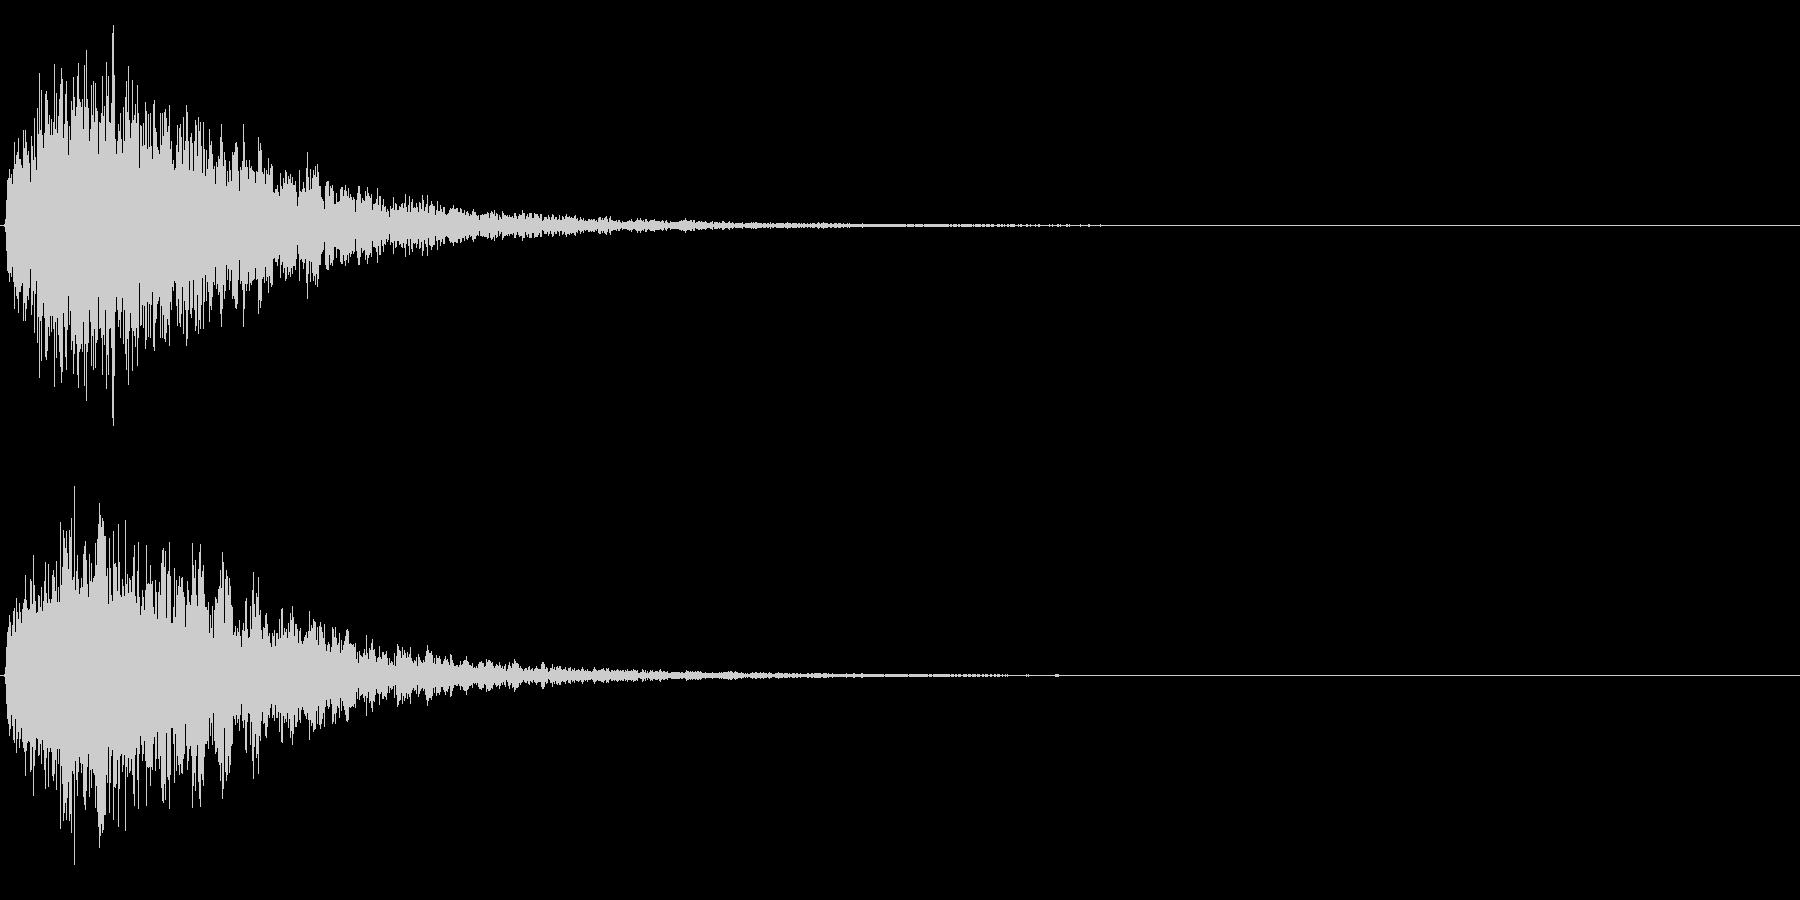 ゲームスタート、決定、ボタン音-113の未再生の波形